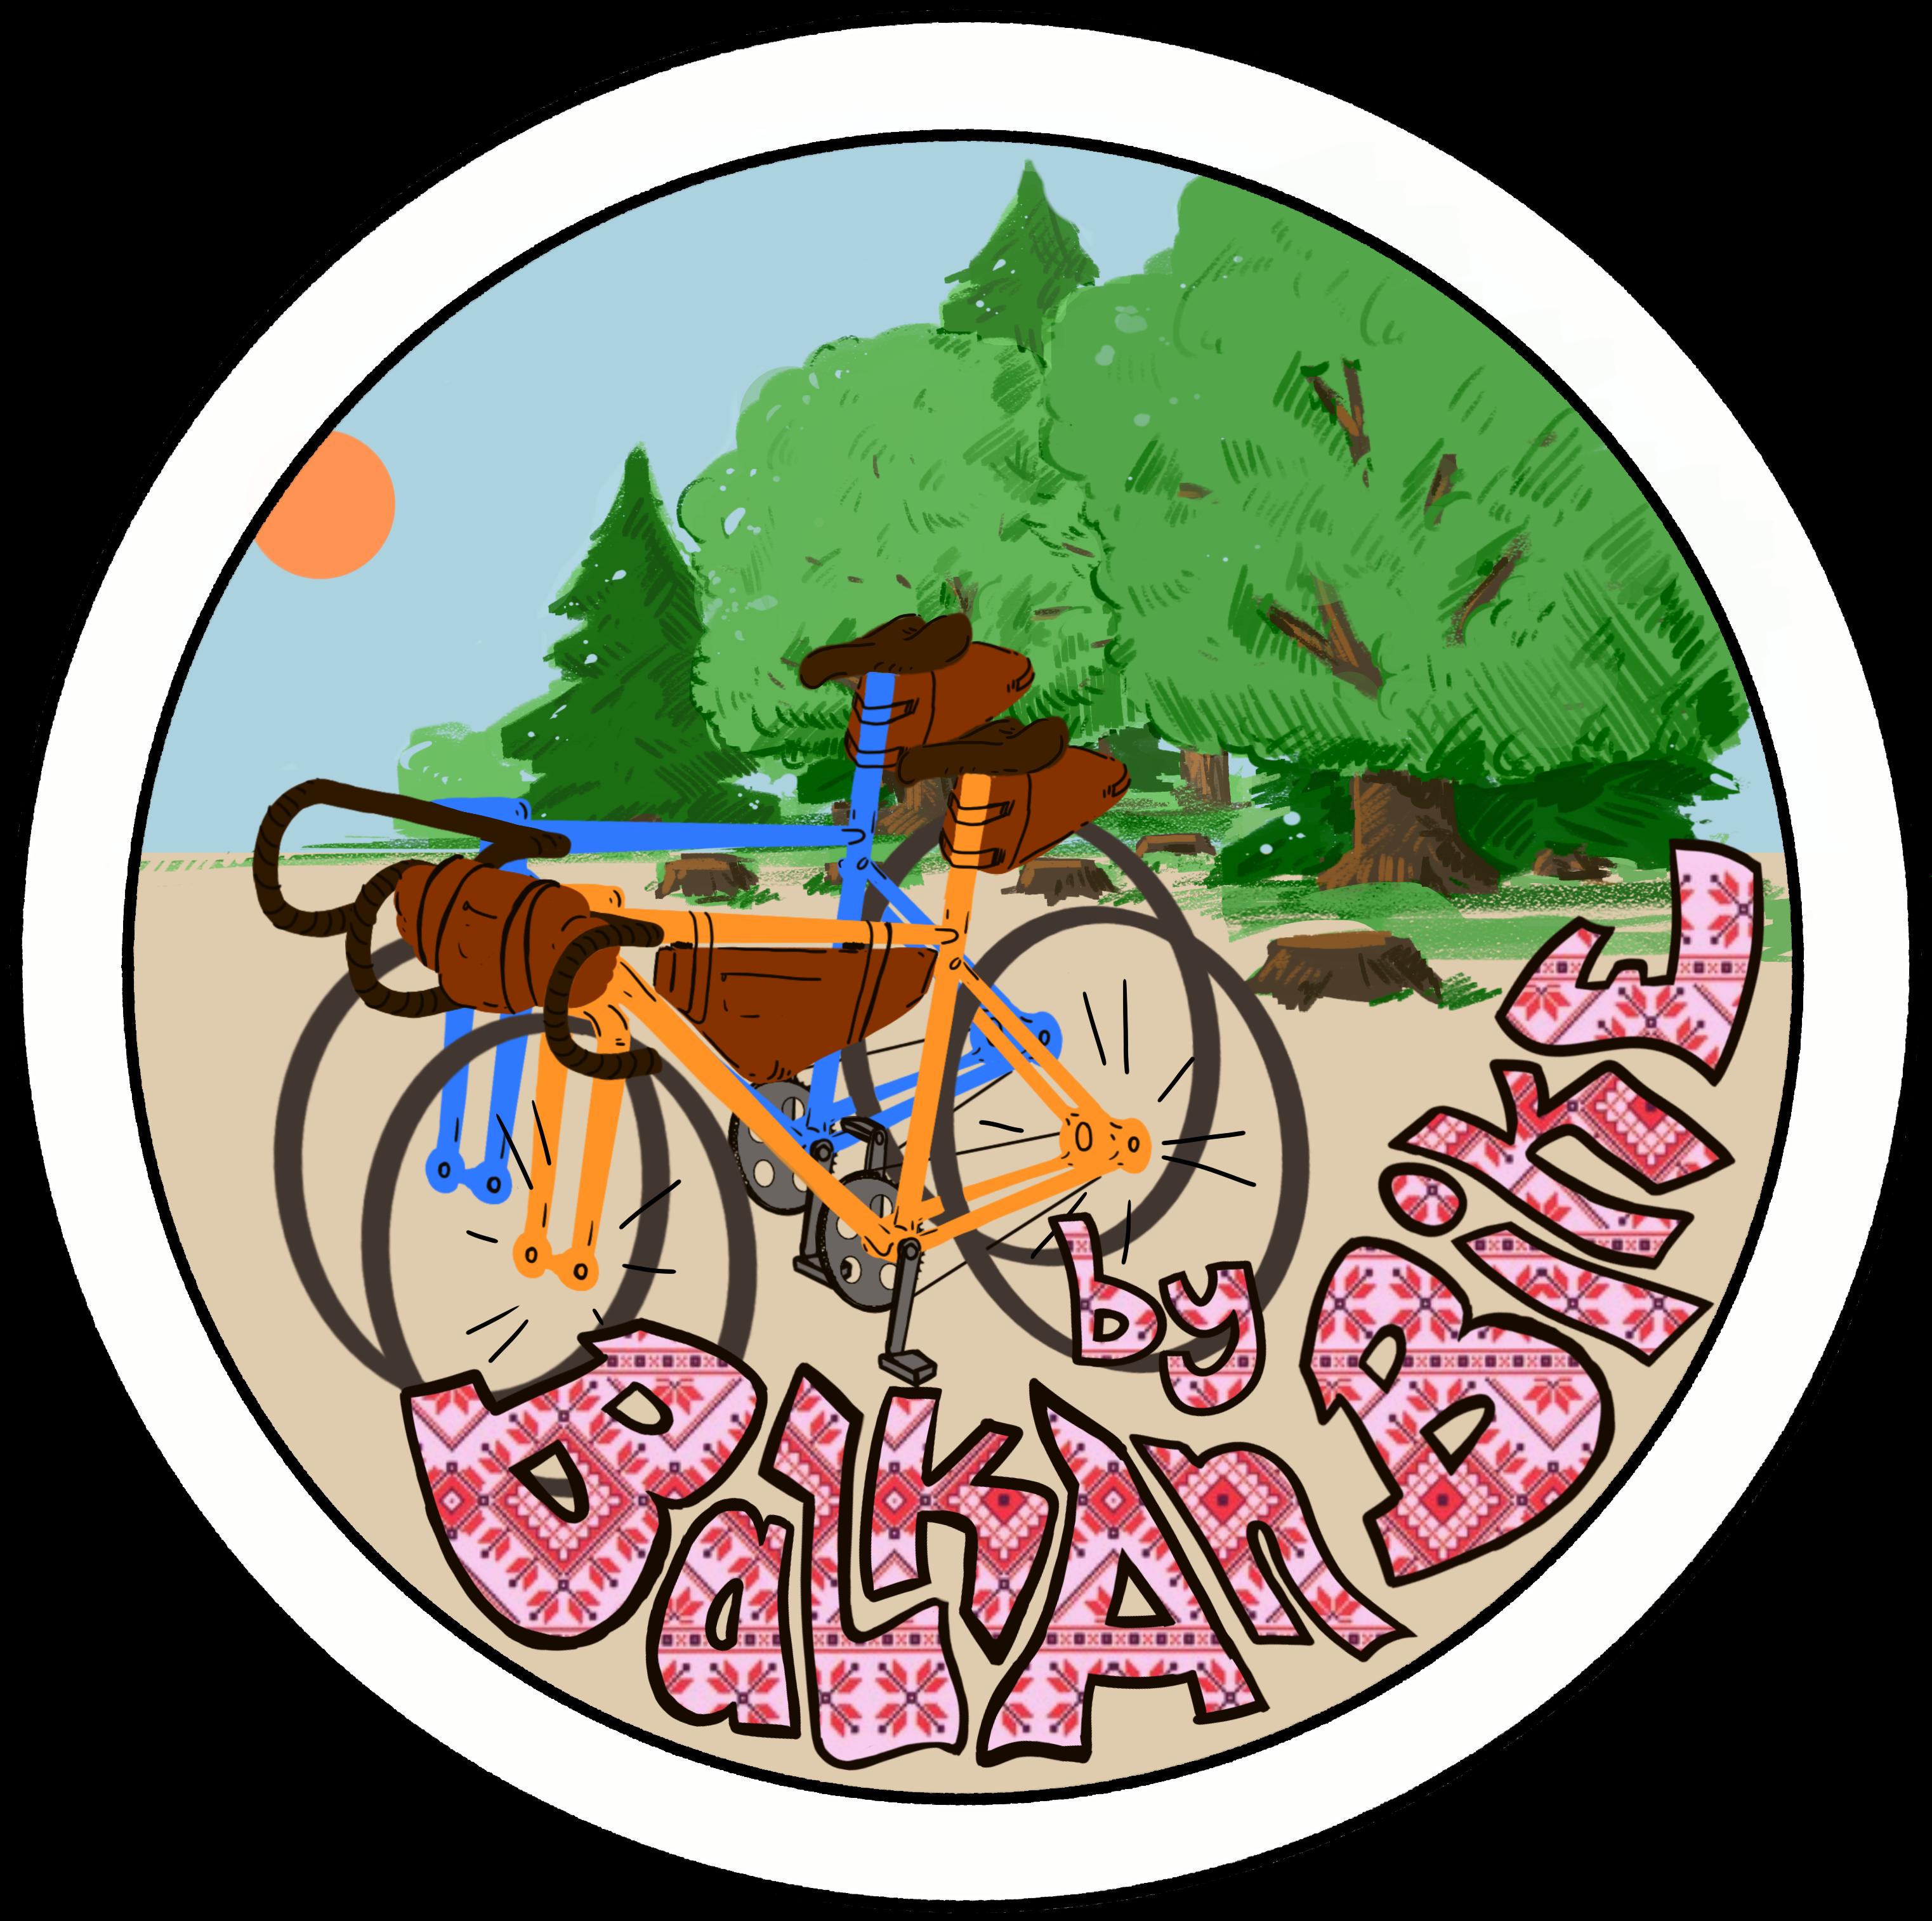 Balkan by Bike